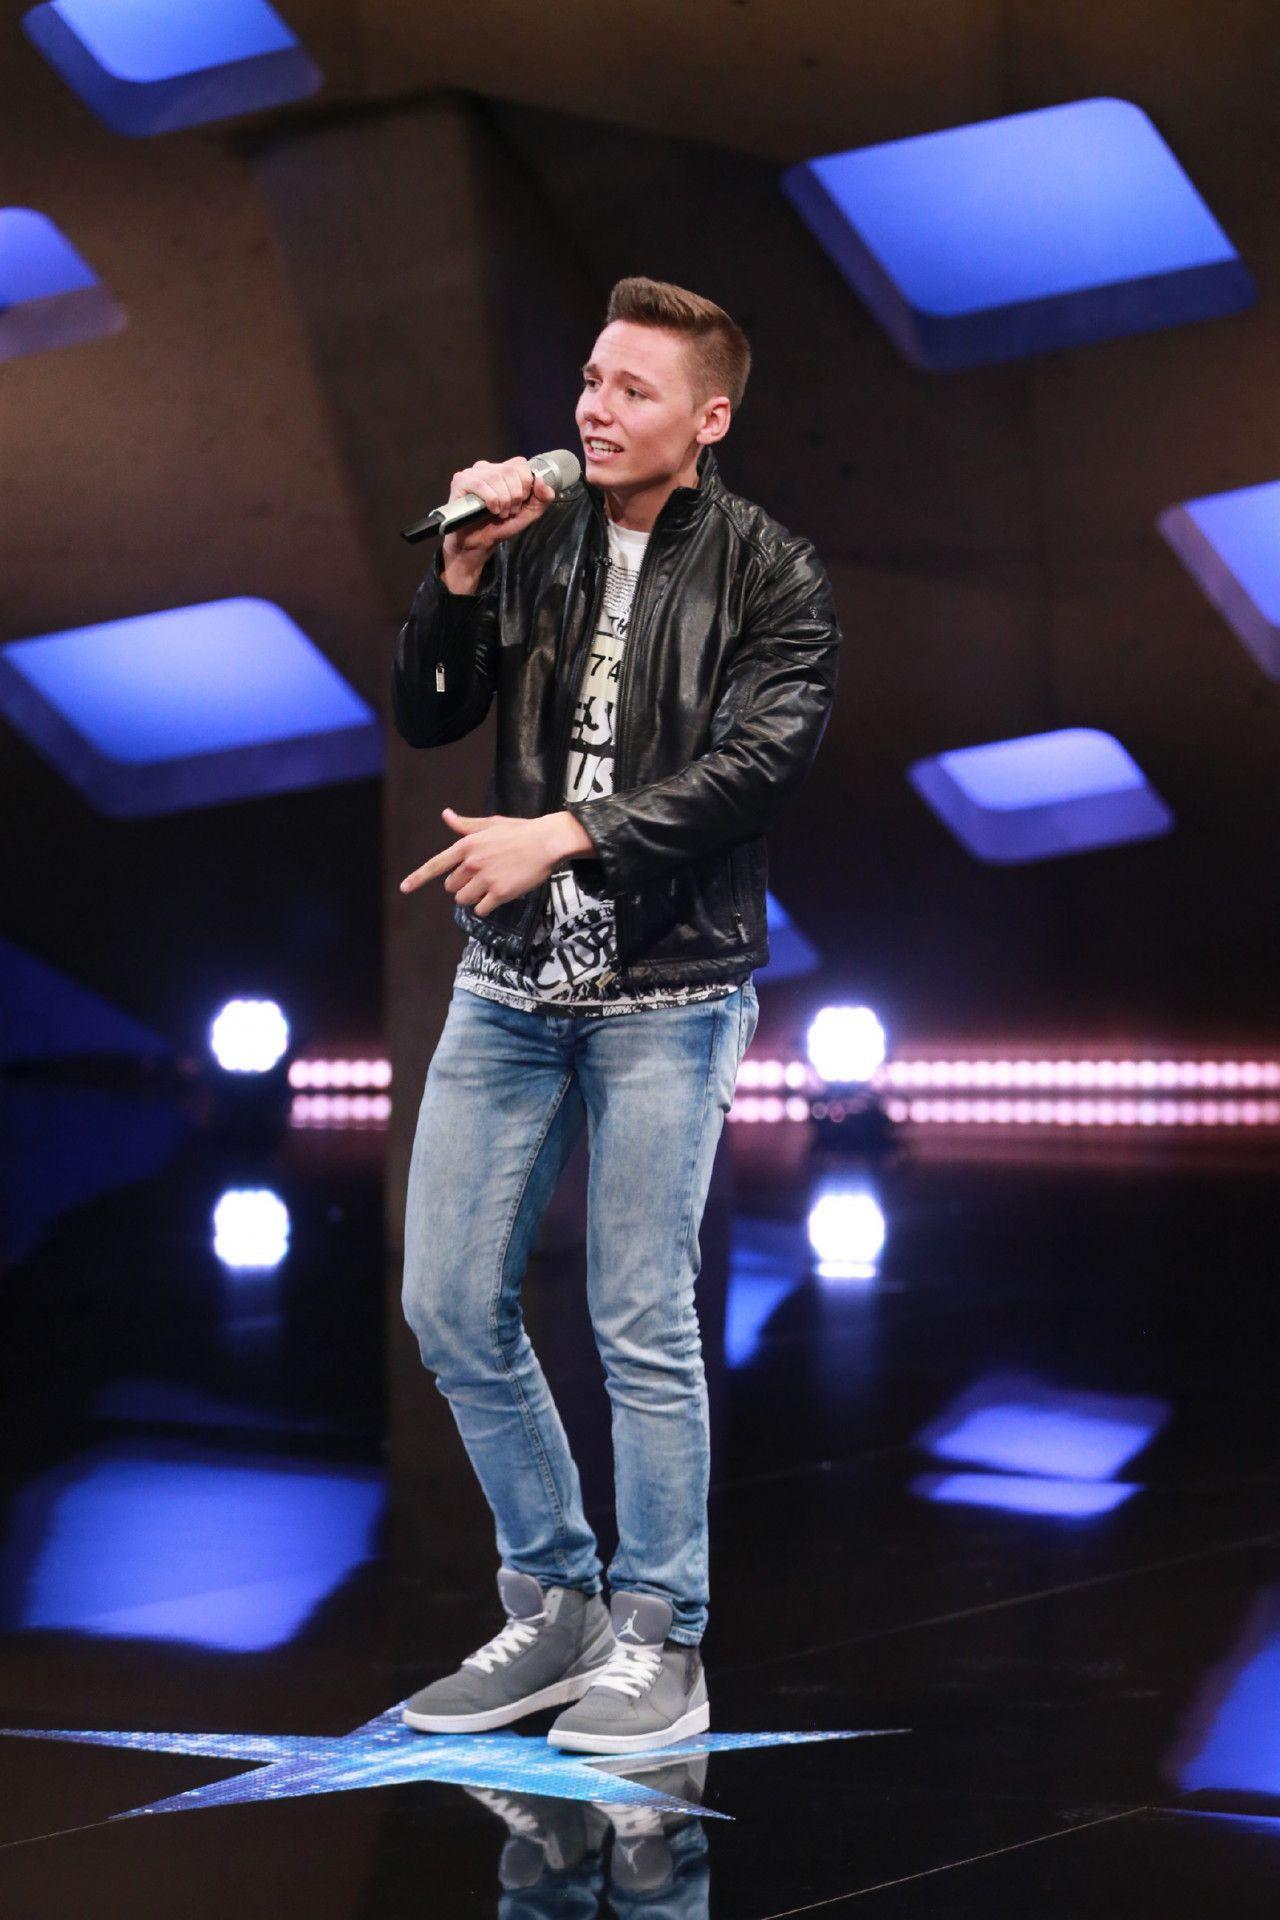 """Lehramts-Student Maximilian Peters präsentiert bei DSDS seinen eigenen Song """"Blick der Seele"""". <p>Alle Infos zu """"Deutschland sucht den Superstar"""" im Special bei <a href=""""http://www.rtl.de/cms/sendungen/superstar.html"""" target=""""_blank"""" rel=""""nofollow"""">RTL.de</a>.</p>"""